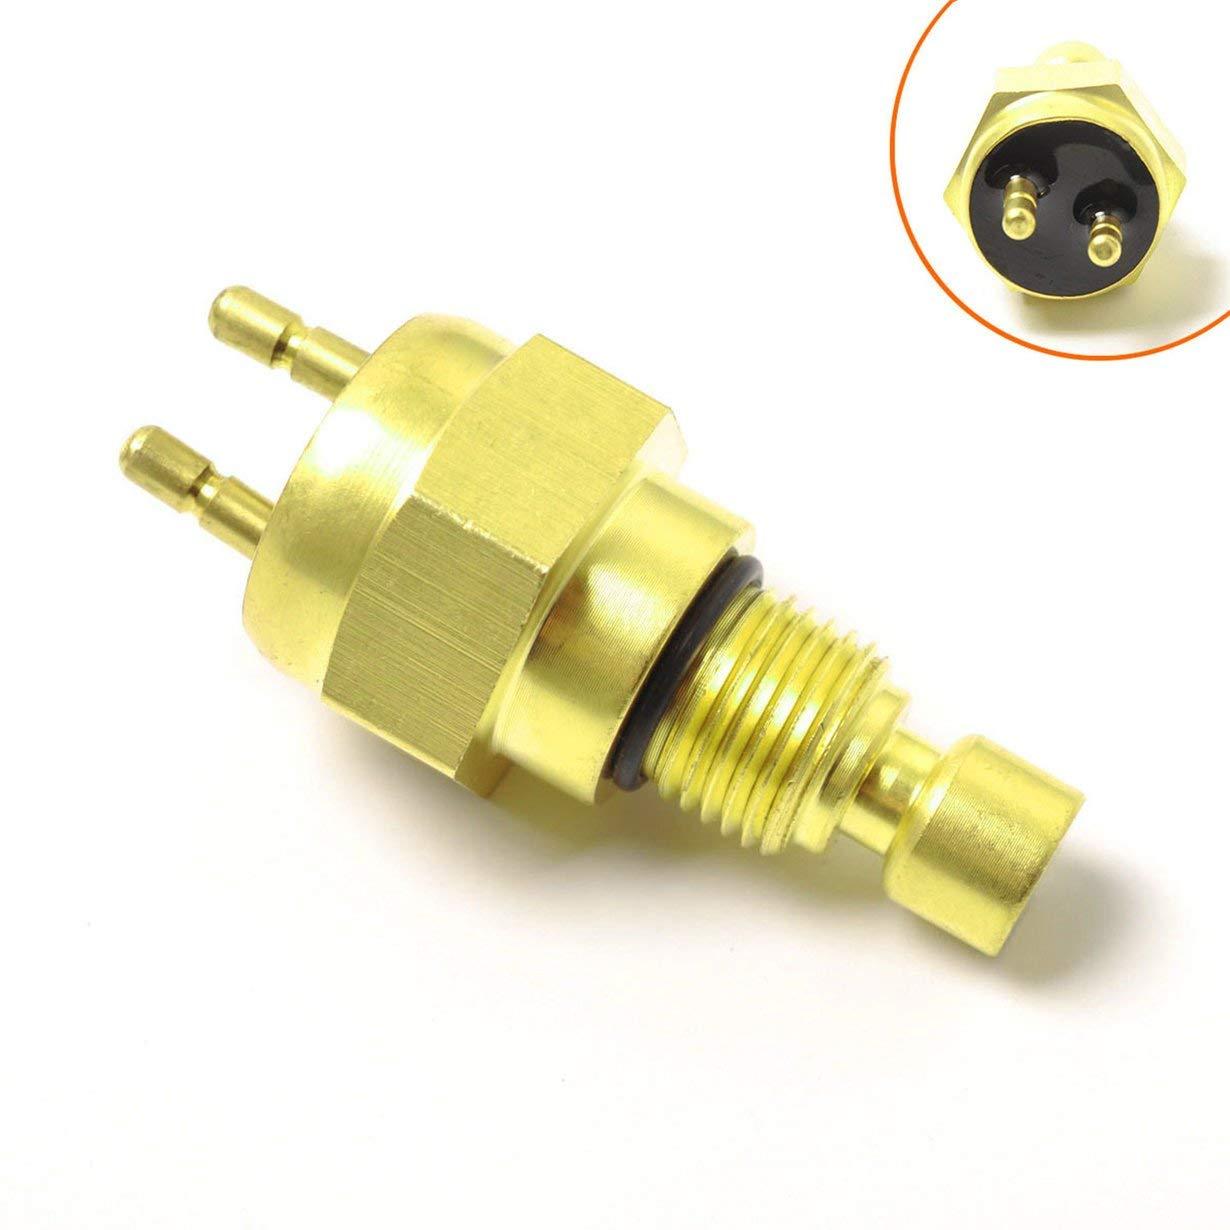 Comomingo Interrupteur de capteur de chaleur thermique pour moto 27010-1202 1989-2000 KSF250A pour Kawasaki pour Mojave 250